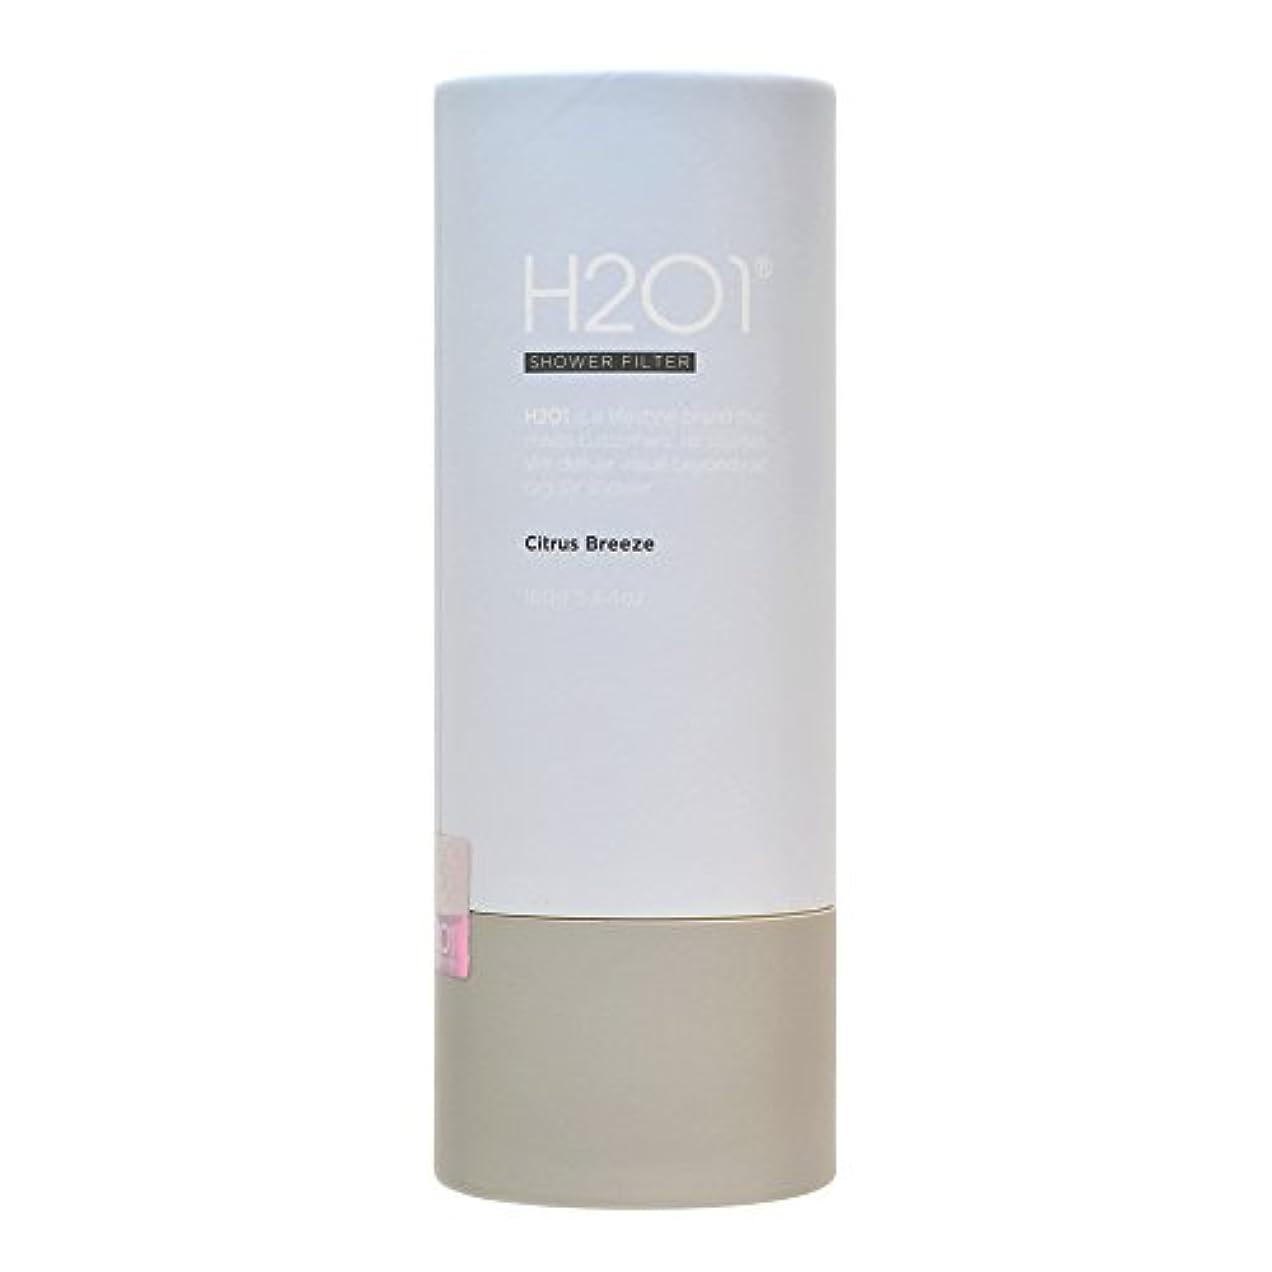 累積イデオロギー確かめるH2O1 (エイチツーオーワン) シャワーフィルター シトラスブリーズ